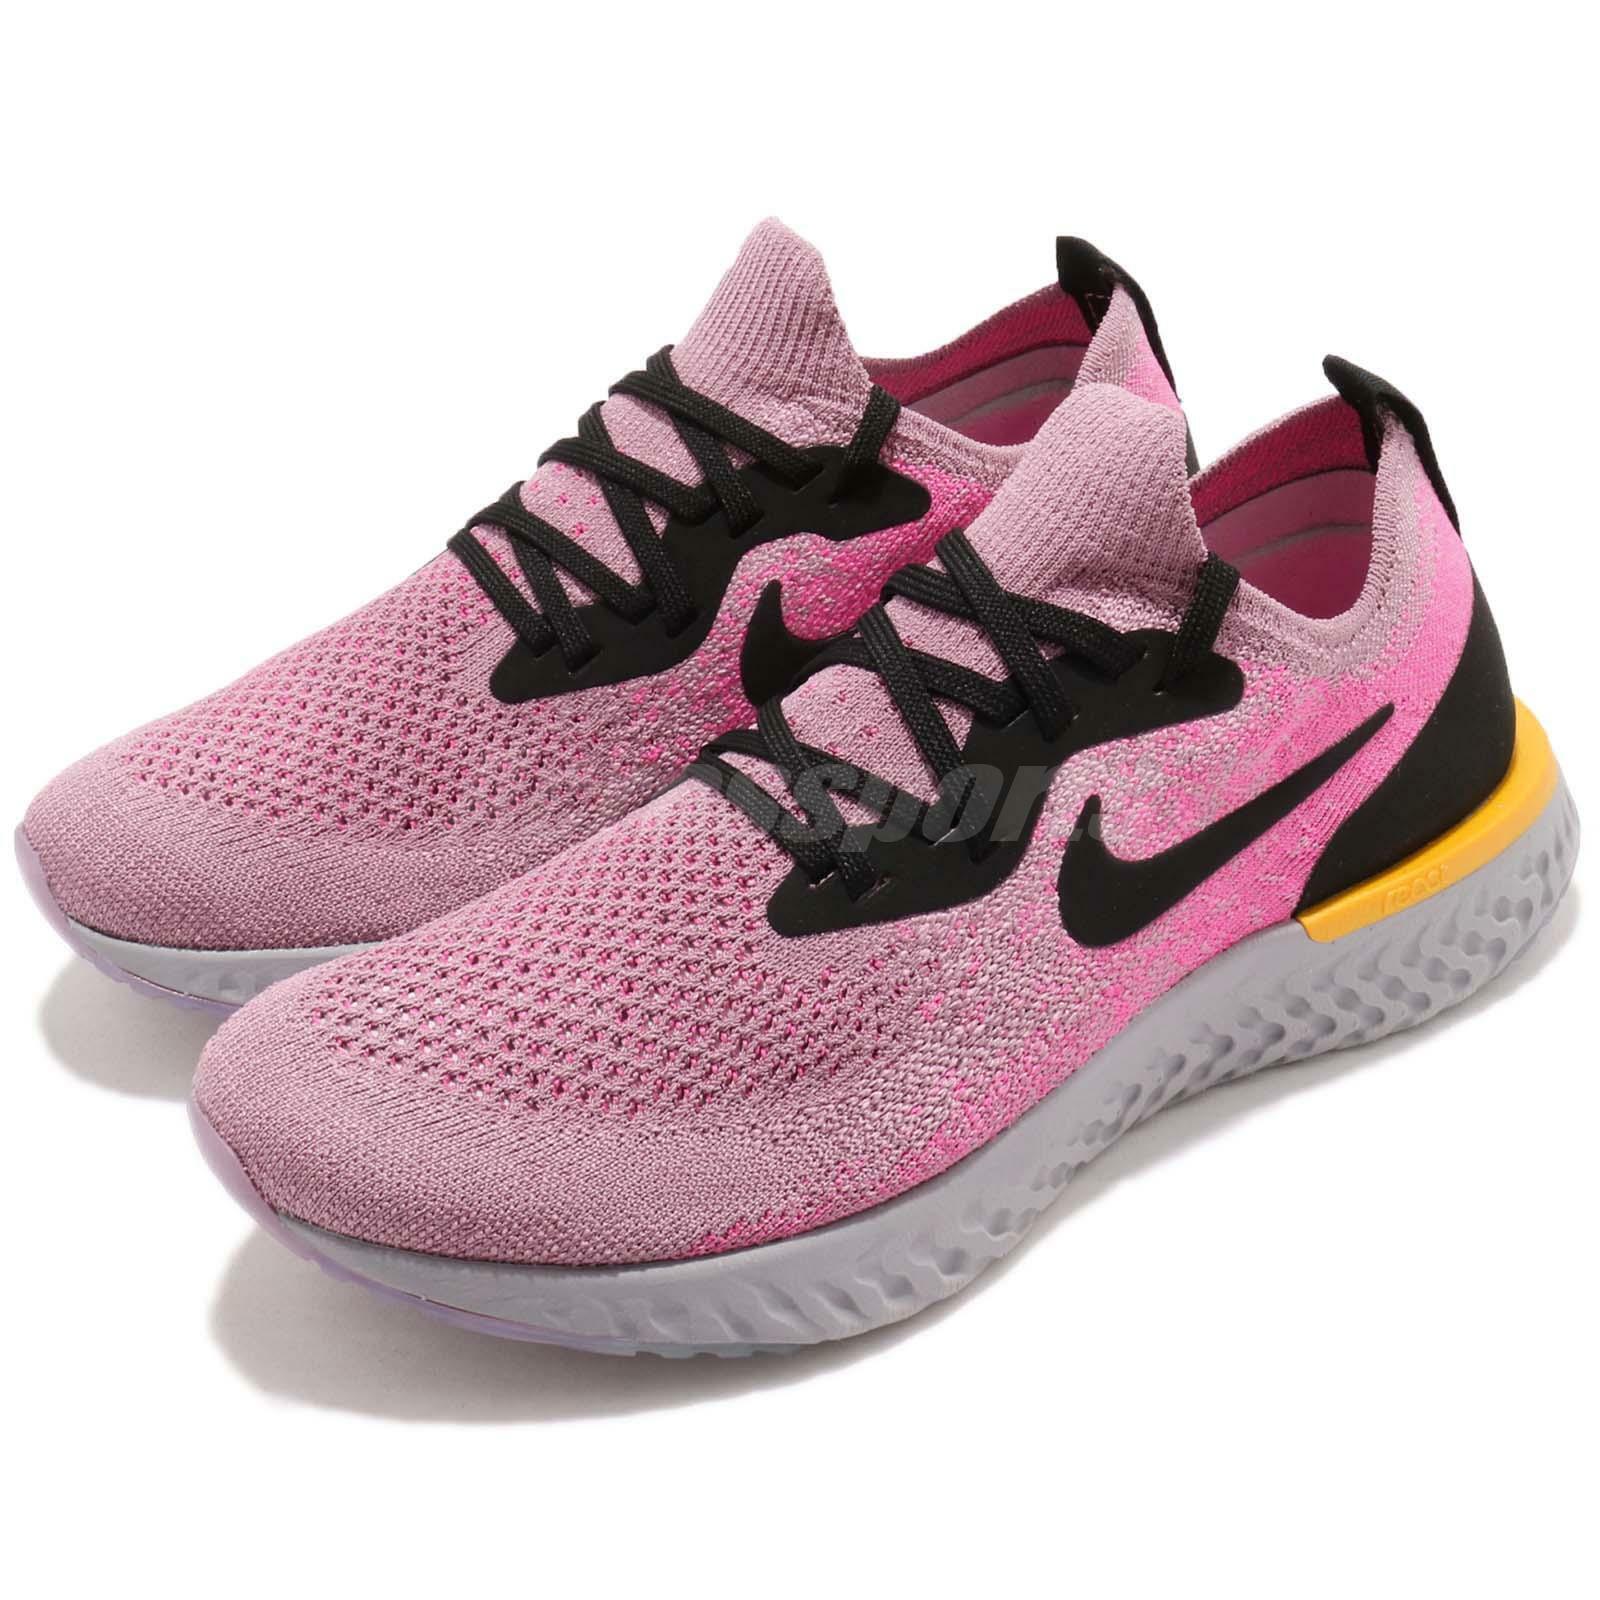 Nike Wmns Epic React Flyknit femmes Running chaussures chaussures chaussures Trainers Pick 1 13857c